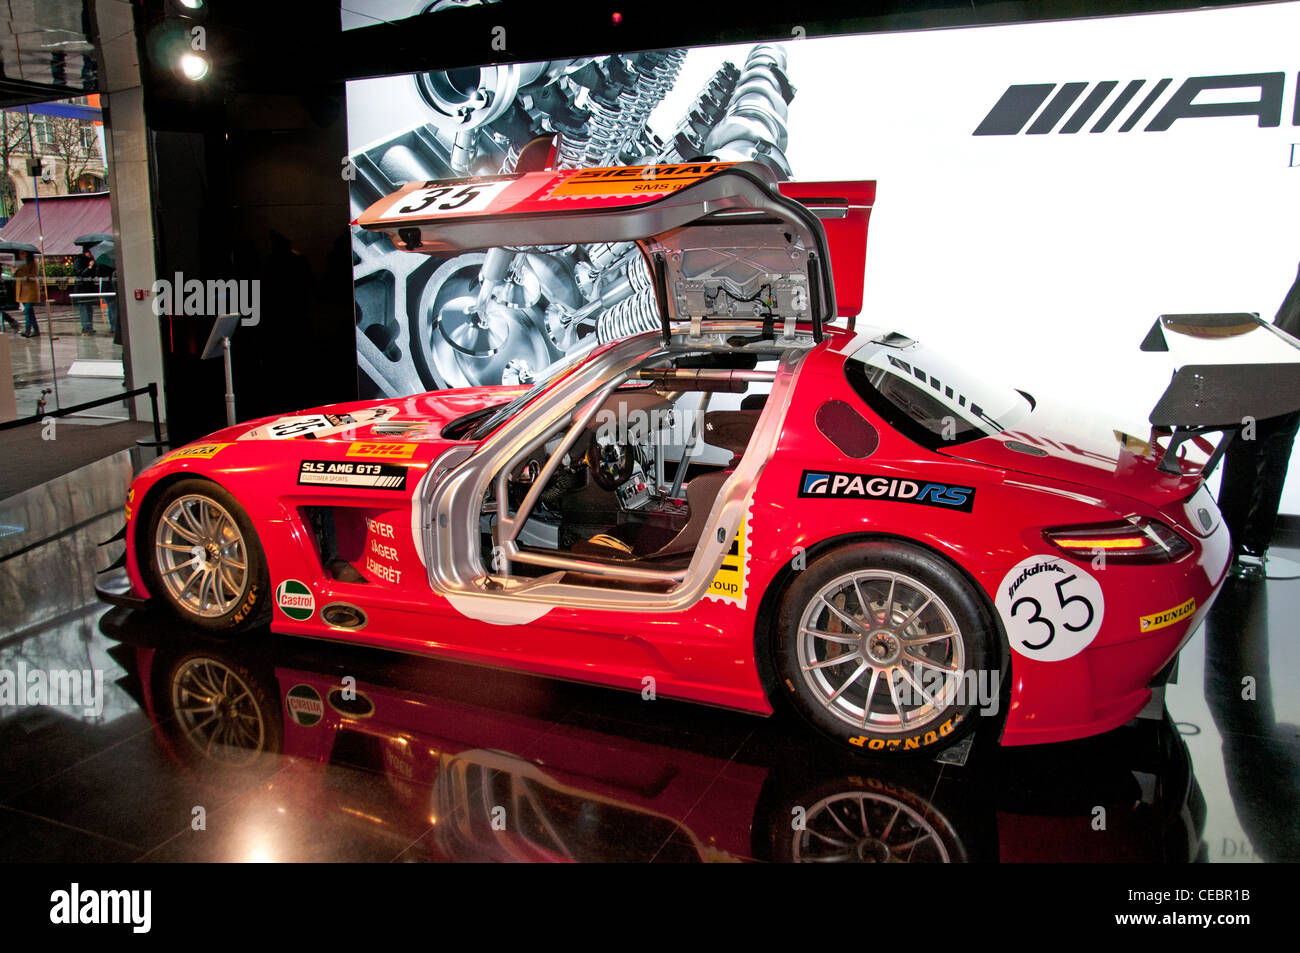 Mercedes Benz SLS AMG GT3 racing car Showroom Champs Elysees Paris - Stock Image